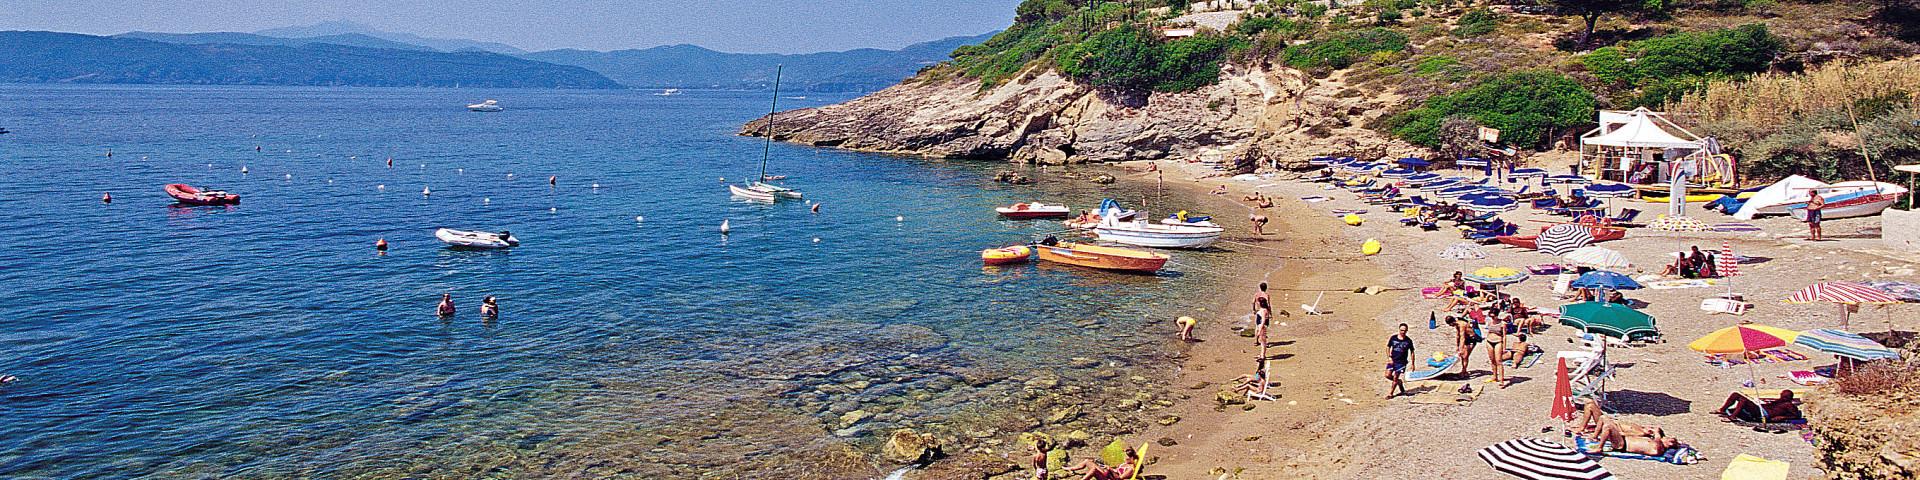 Capoliveri, pláž Madonna delle Grazie